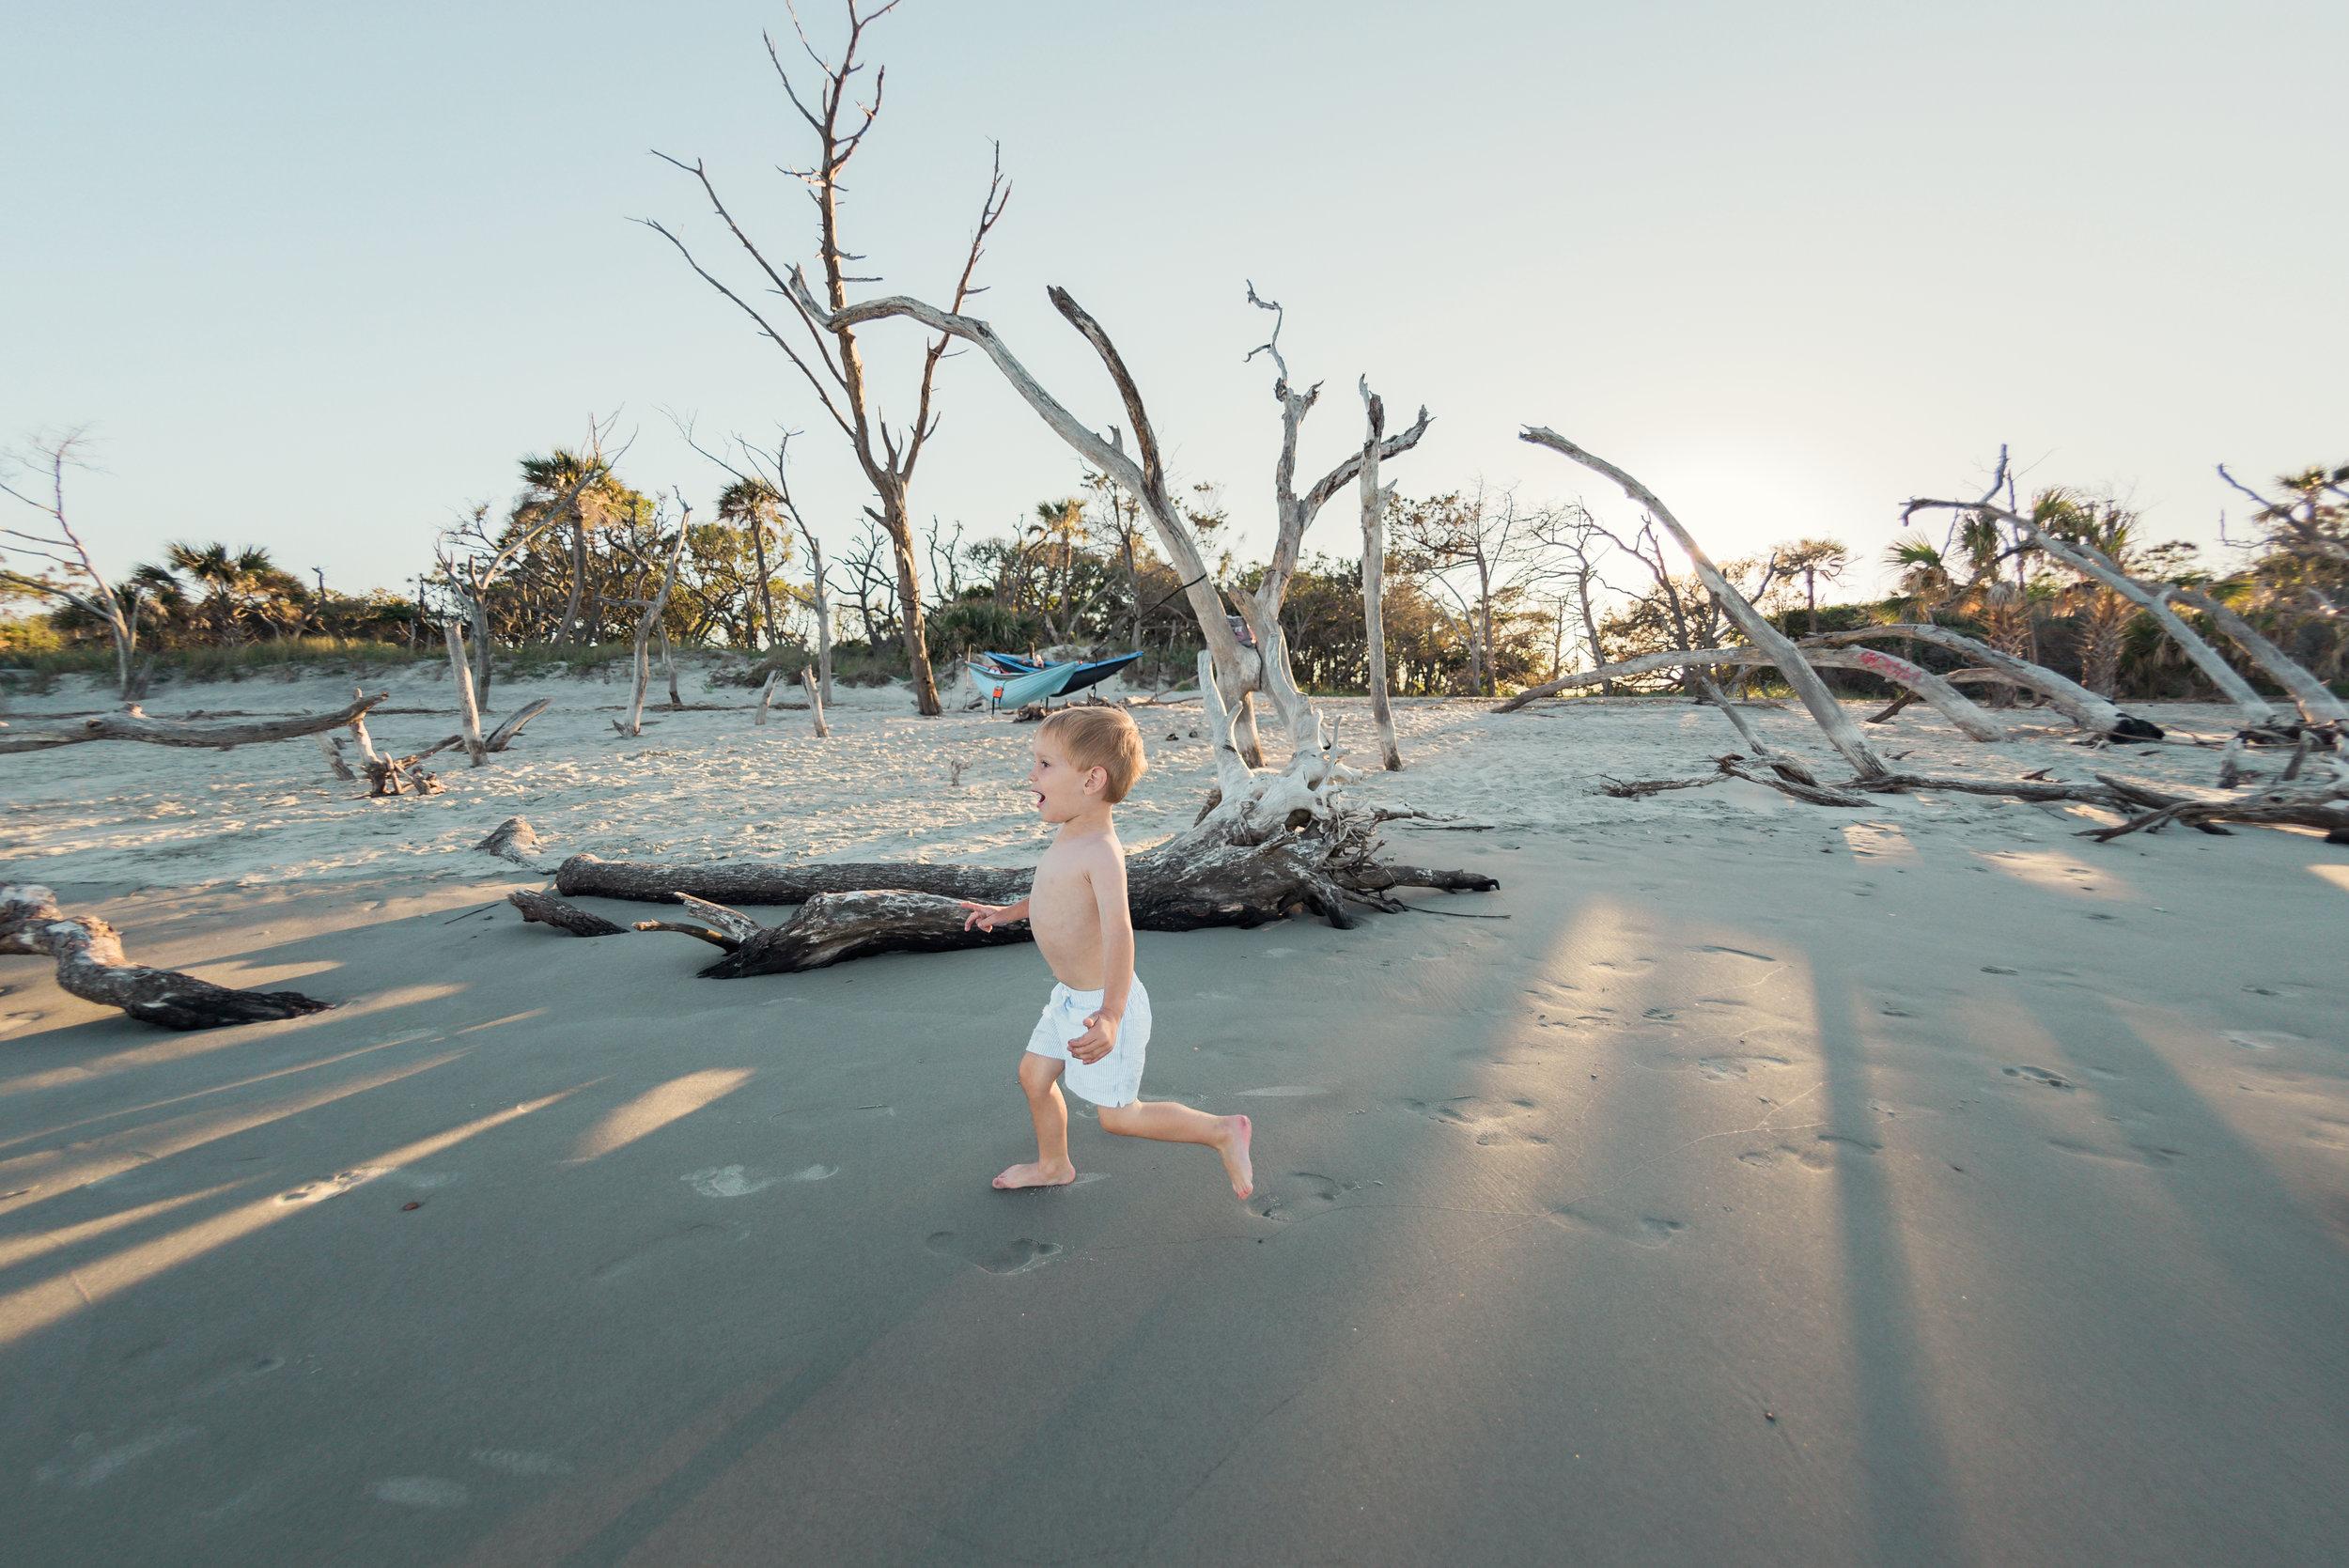 Folly-Beach-Family-Photographer-Following-Seas-Photography-3267 copy.jpg